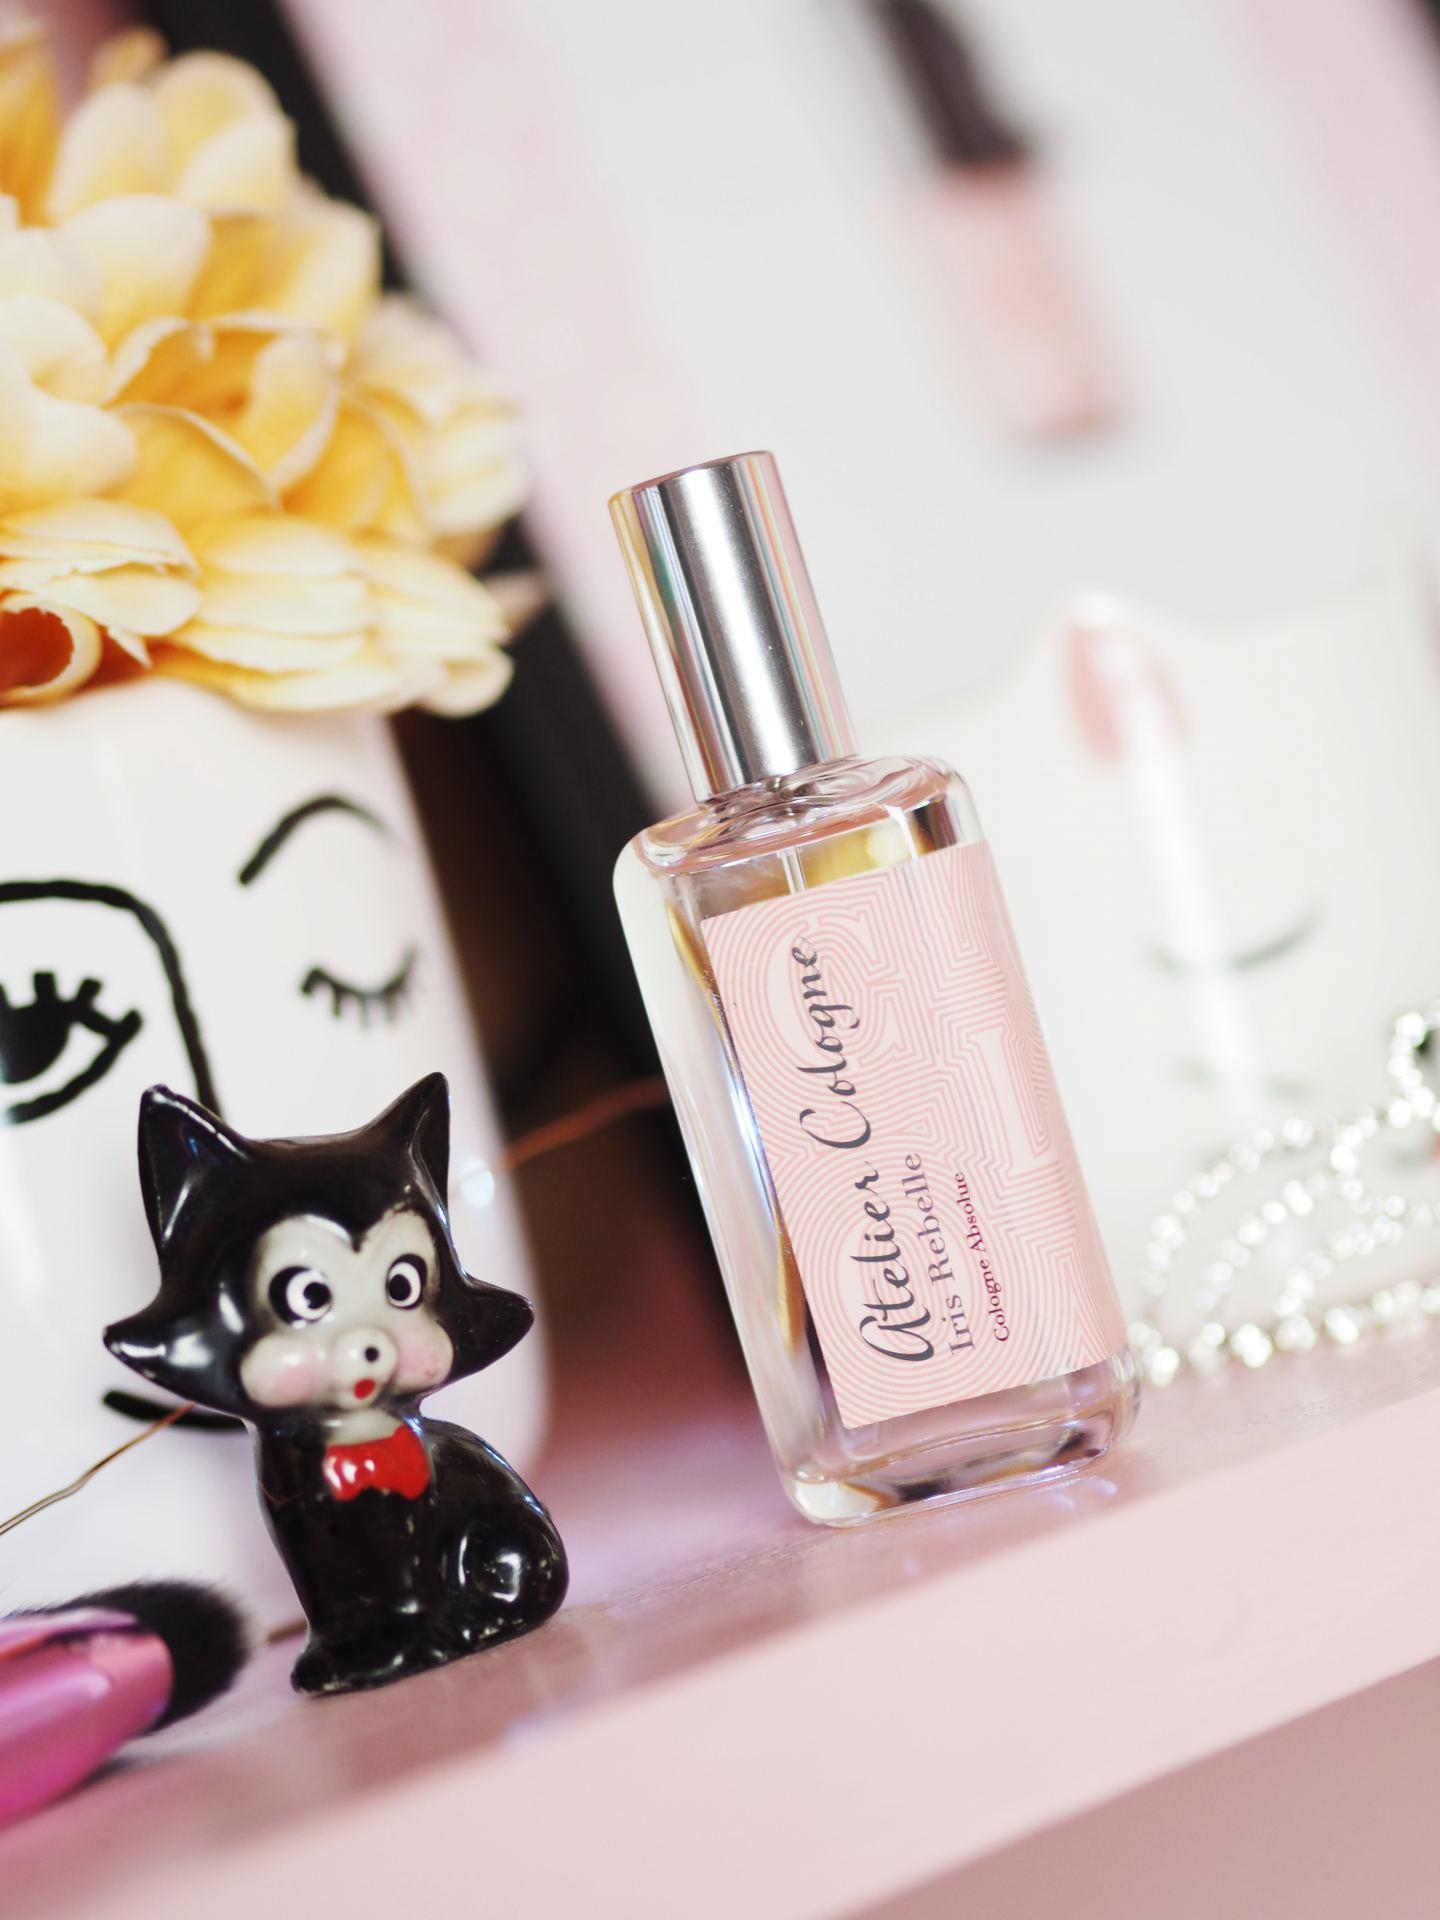 Atelier Cologne 'Iris Rebelle' perfume jpg